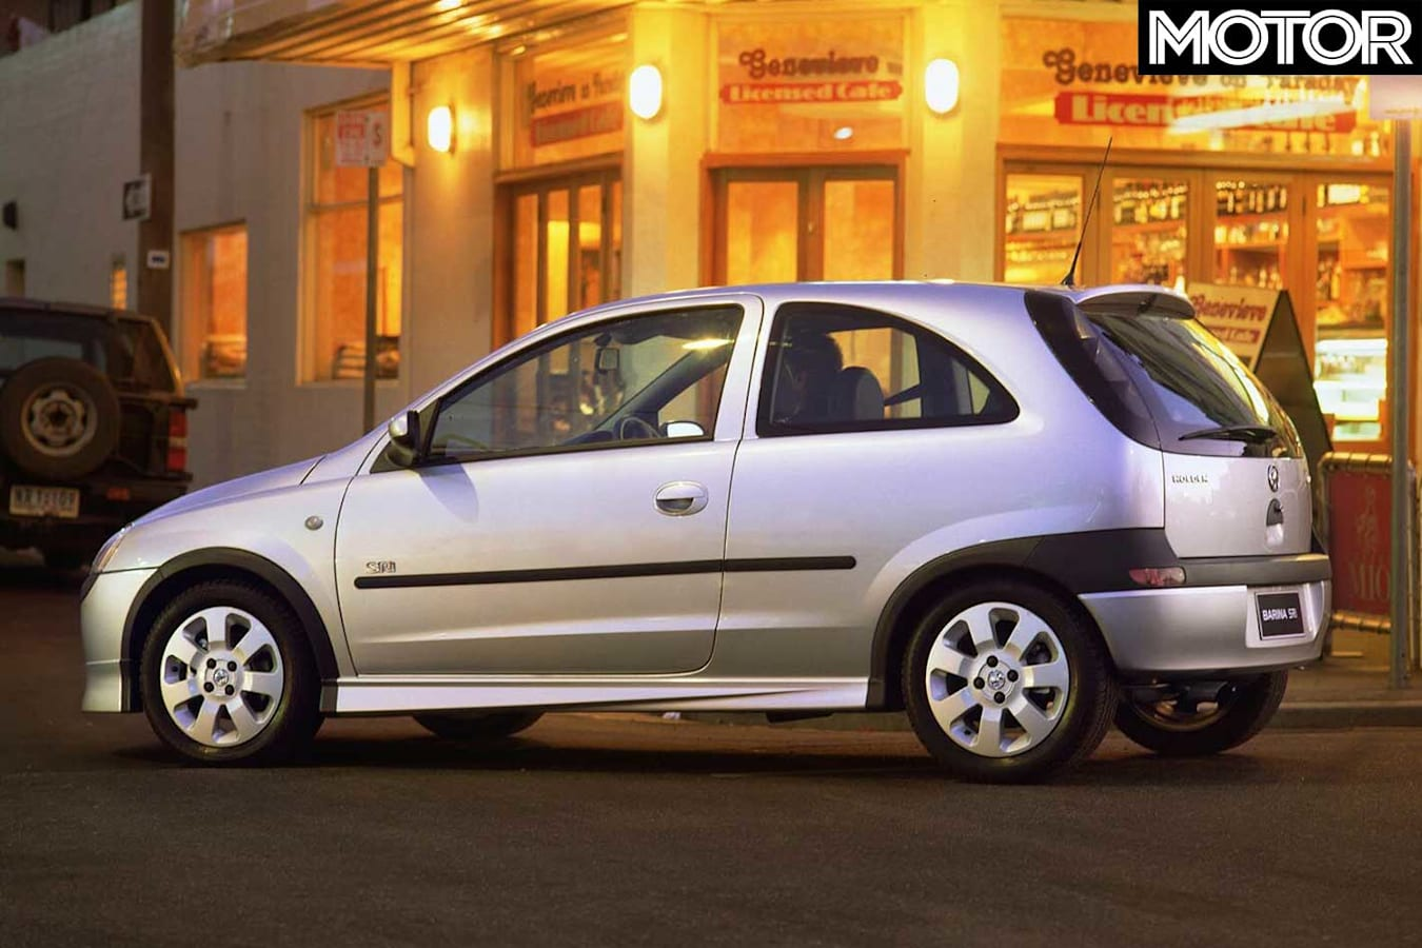 2001 Holden Barina S Ri Rear Static Jpg